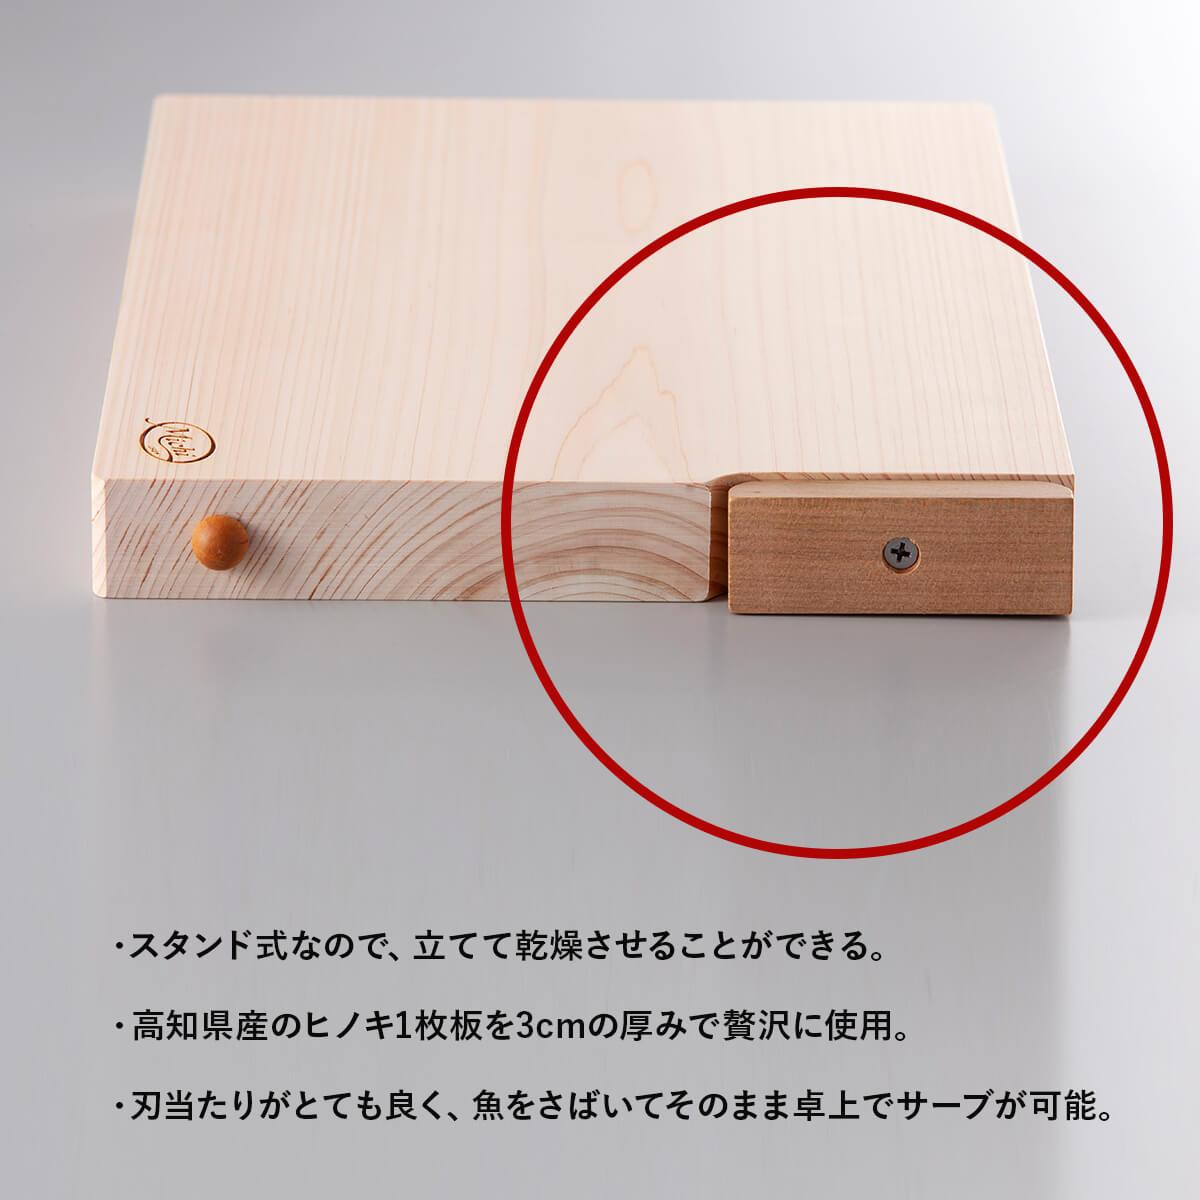 Michi カッティングボード for Fish L | Michi